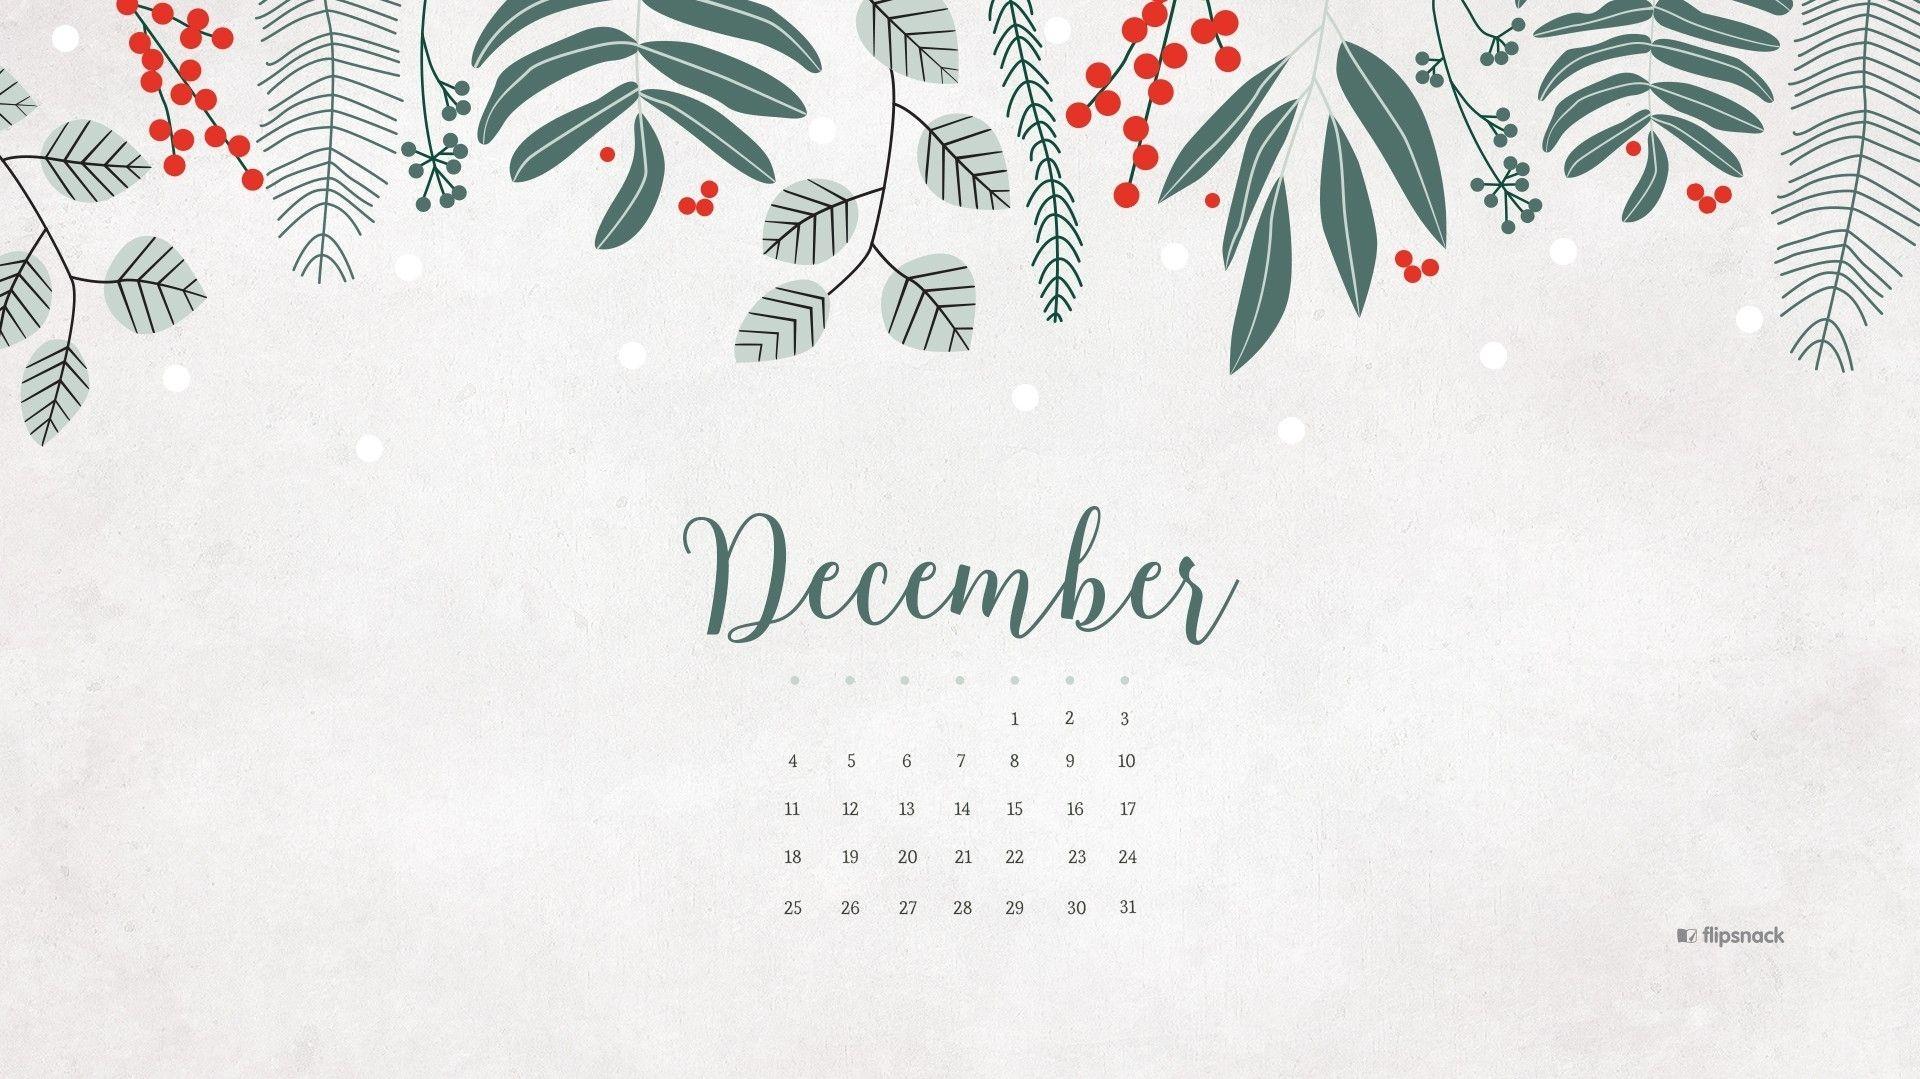 10 Most Popular December Calendar 2016 Wallpaper Full Hd 1080p For Pc Desktop Desktop Wallpaper Calendar Calendar Wallpaper December Calendar